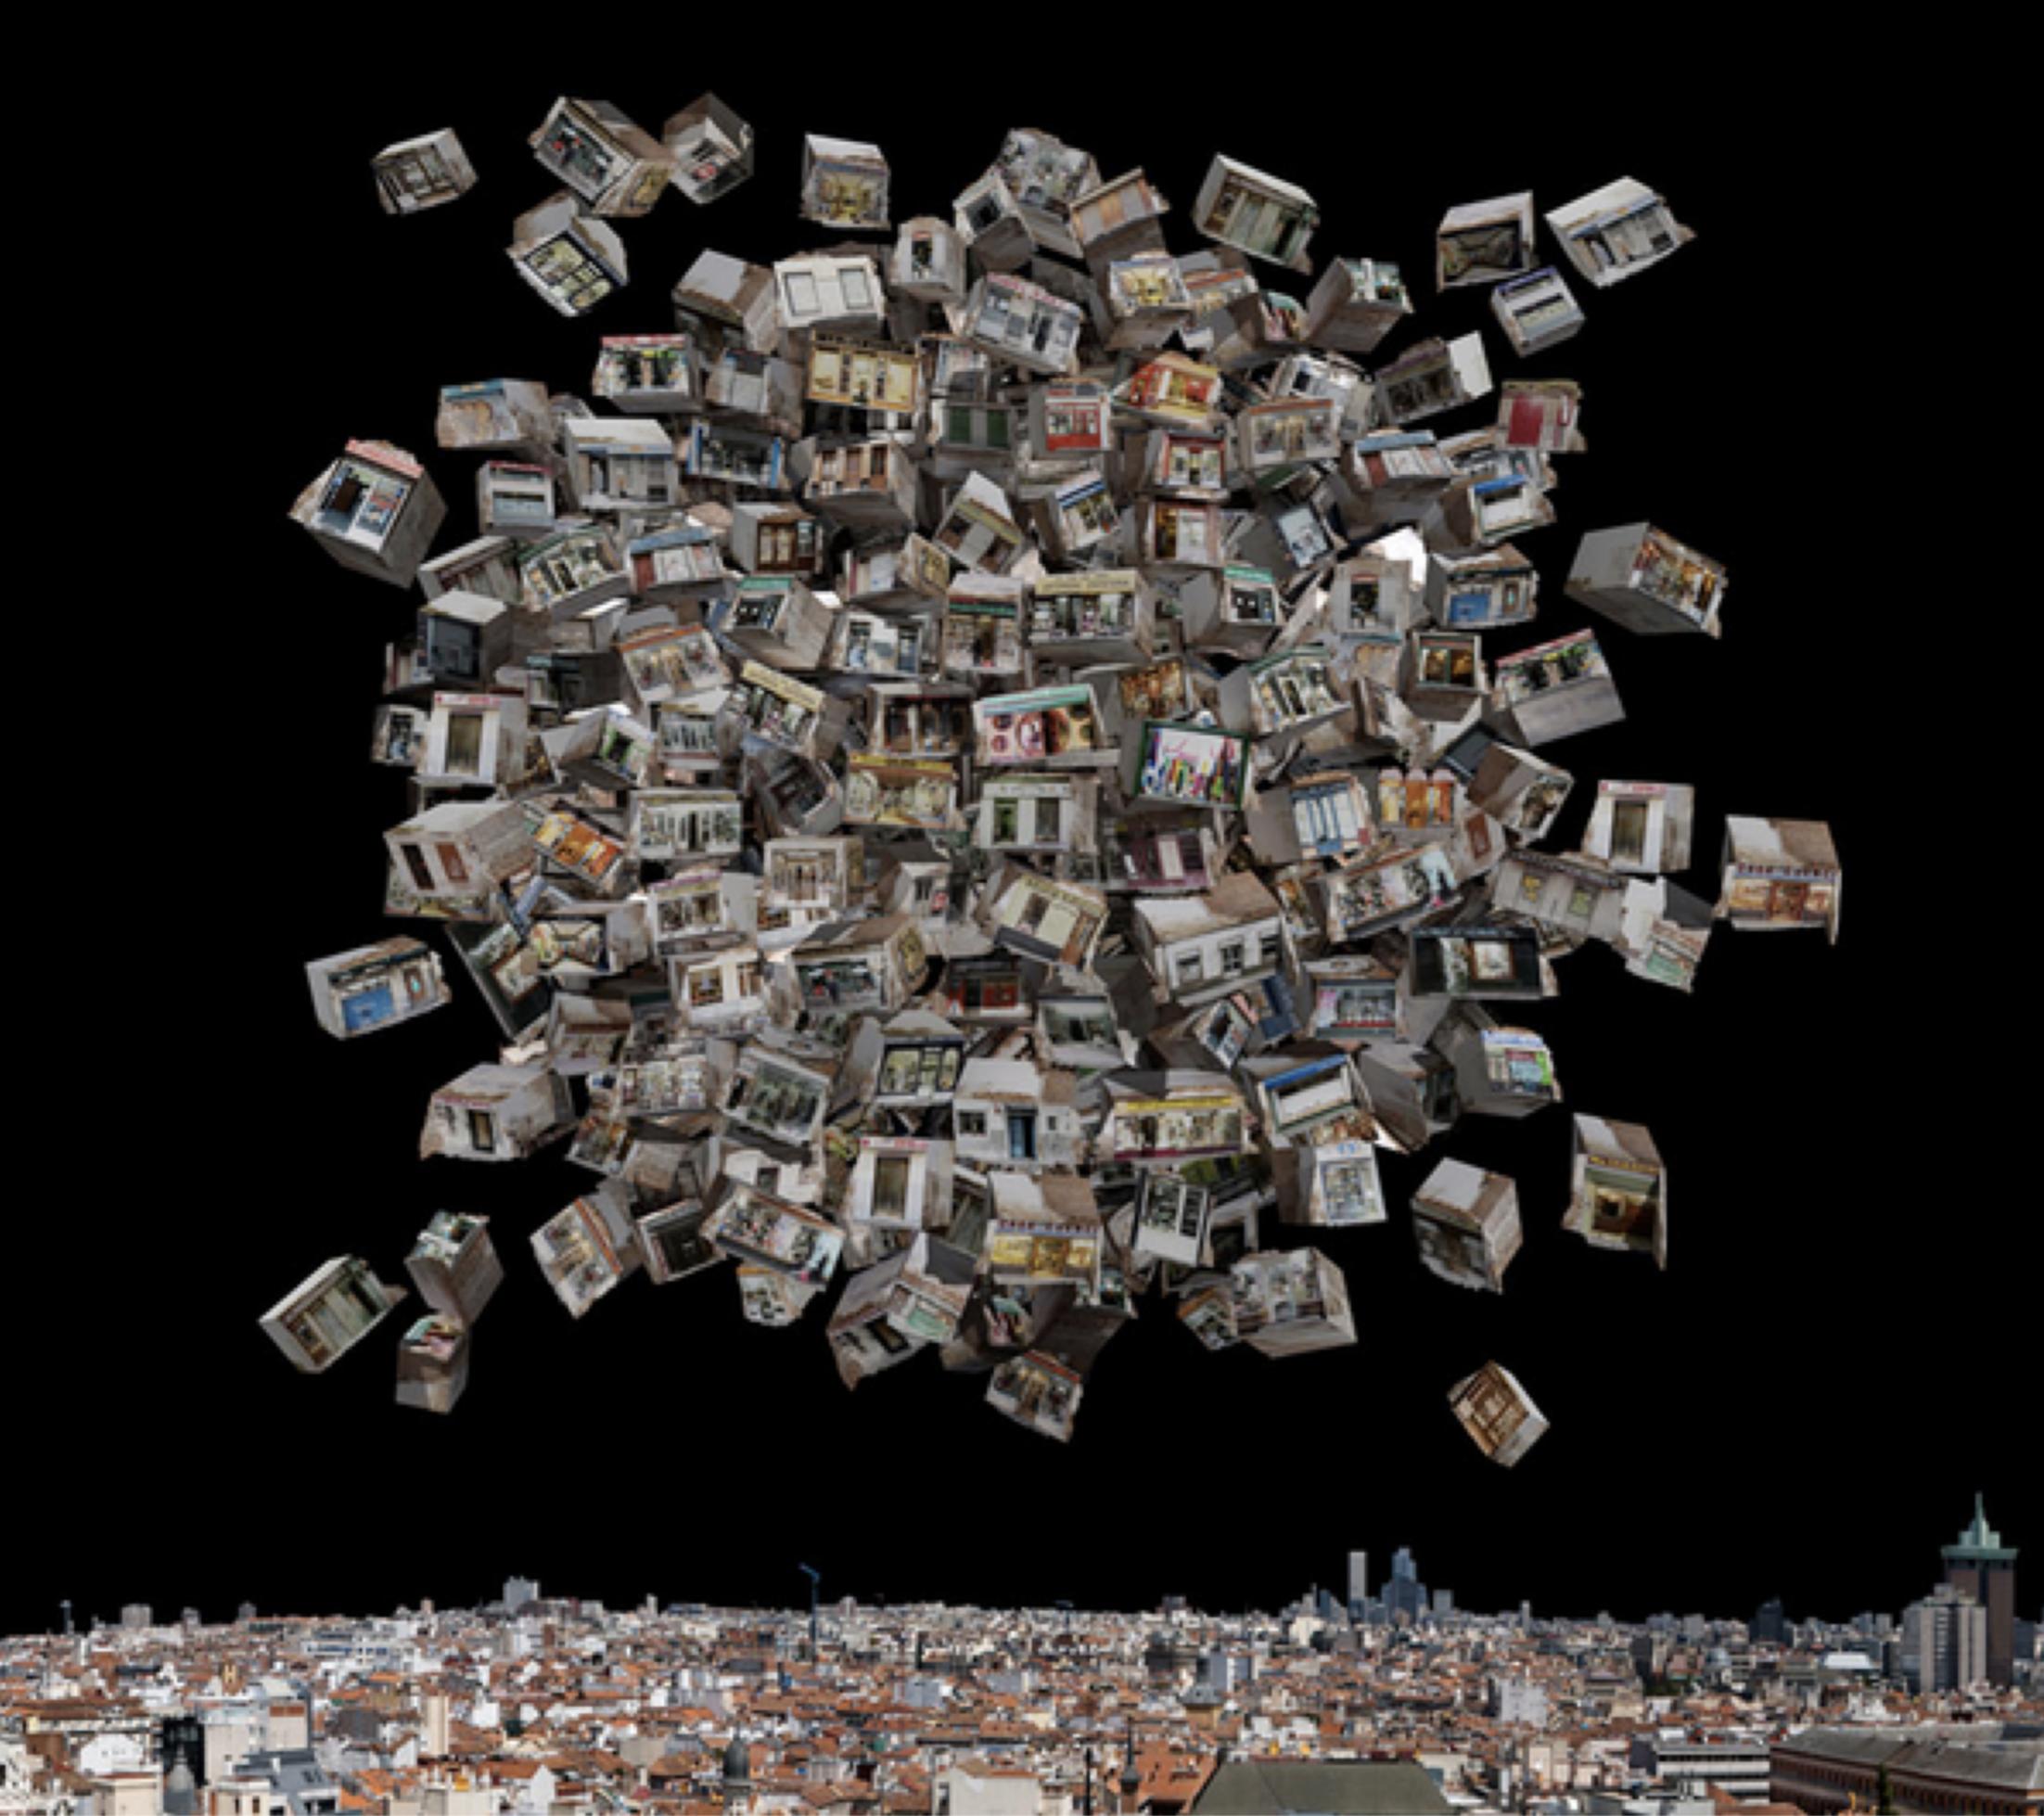 """Título:  """"Paisajes del futuro No. 11""""  Autor : Rosa Muñoz  Técnica:  Fotografía  Medidas:  125 x 136.5 cm"""